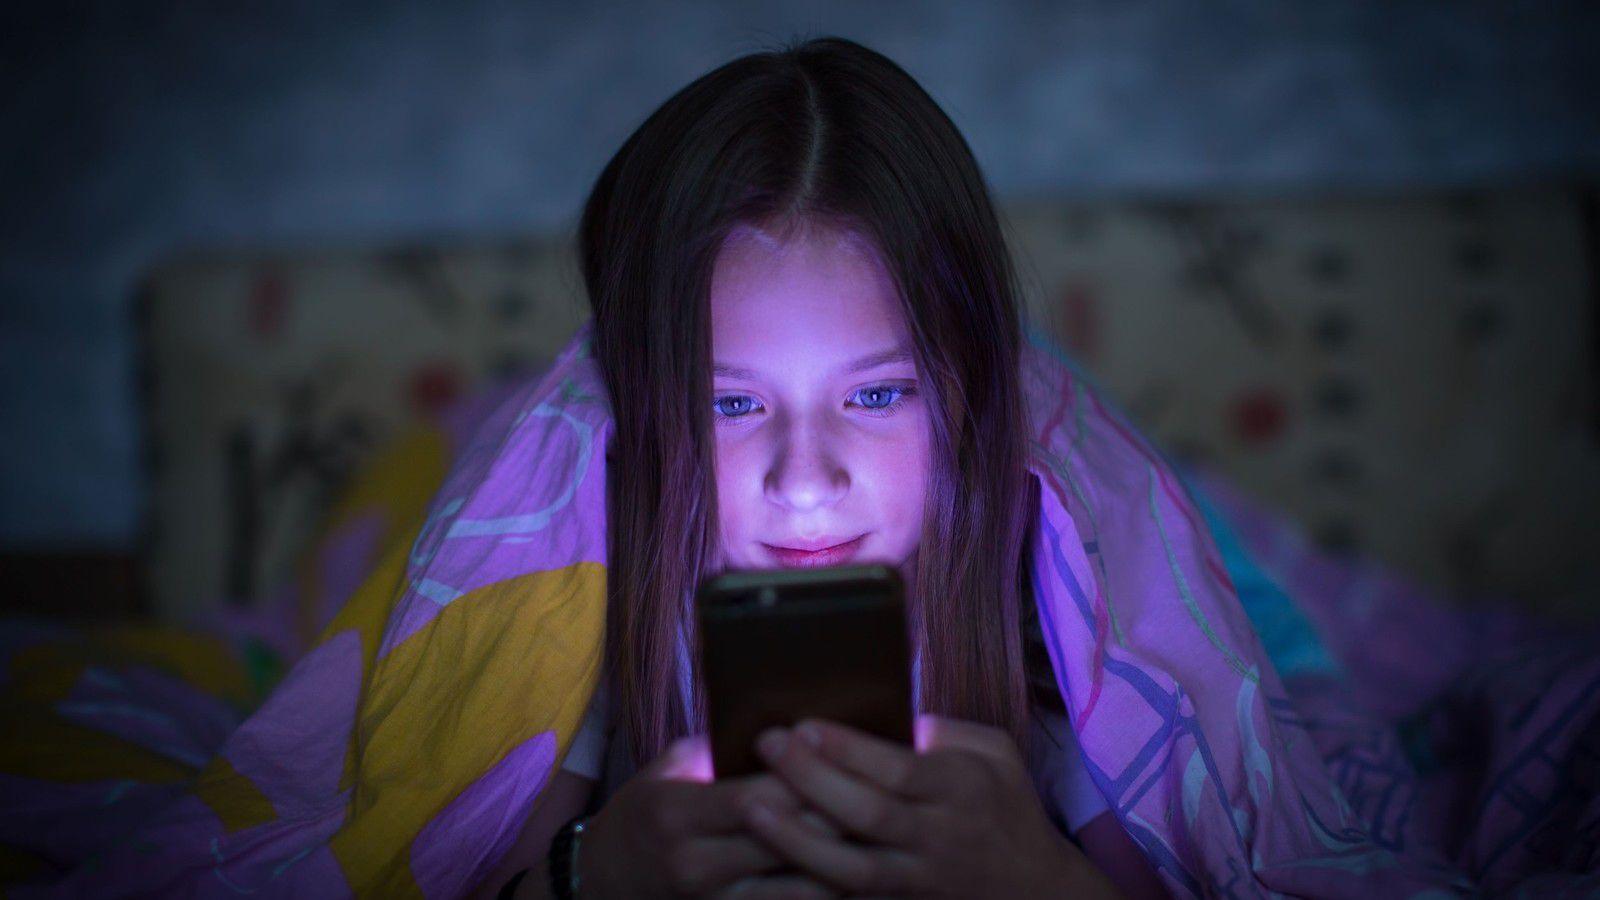 Le sommeil des jeunes franciliens à l'ère du numérique